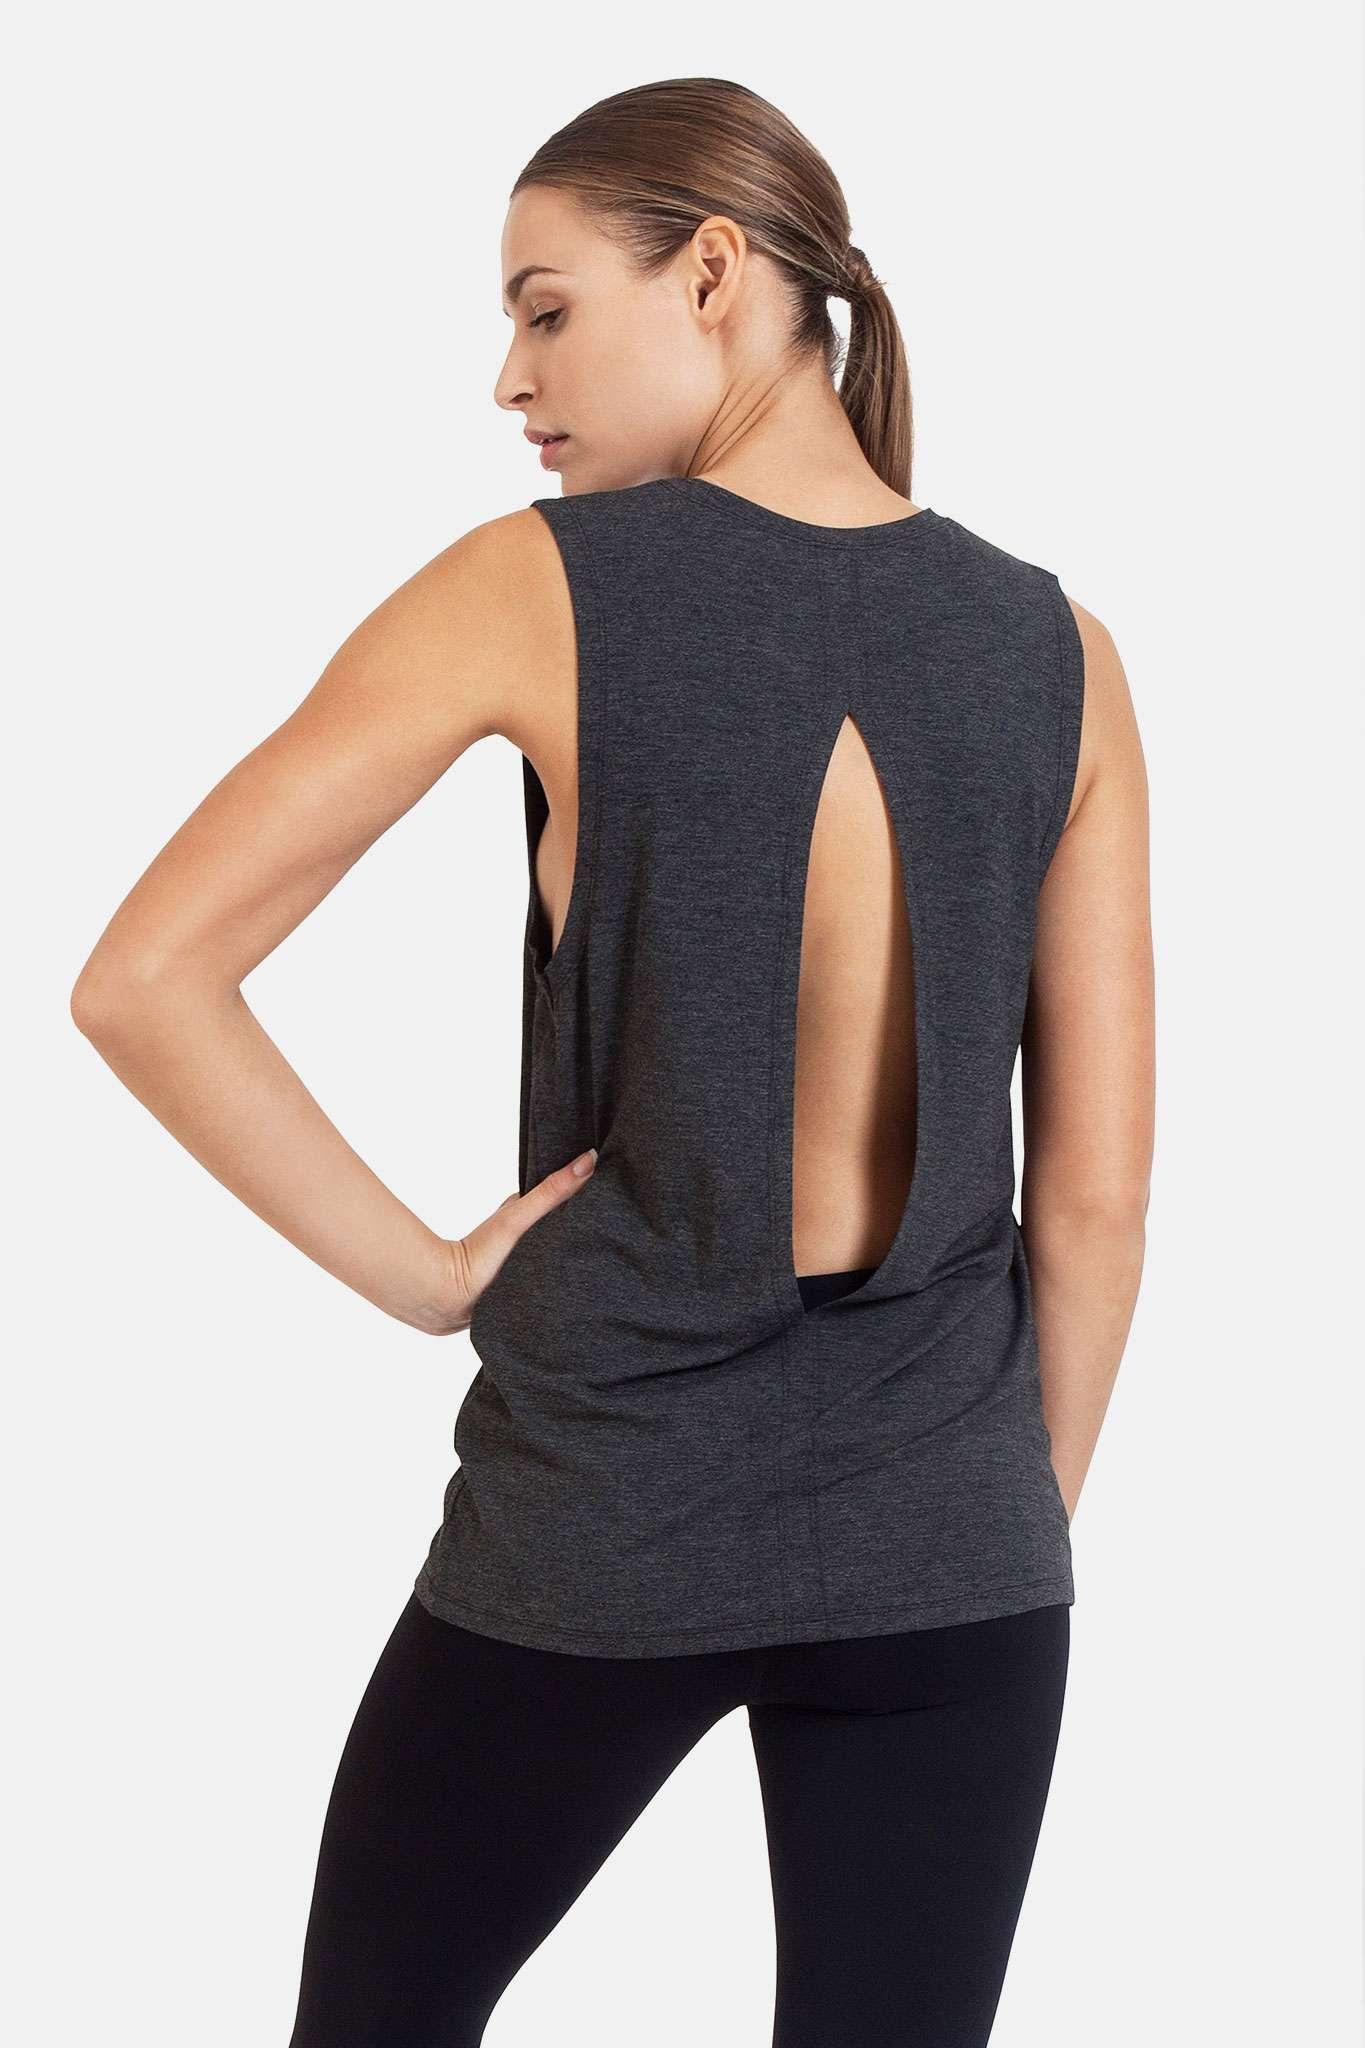 dharma bums diamond back yoga tee tank vest - charcoal